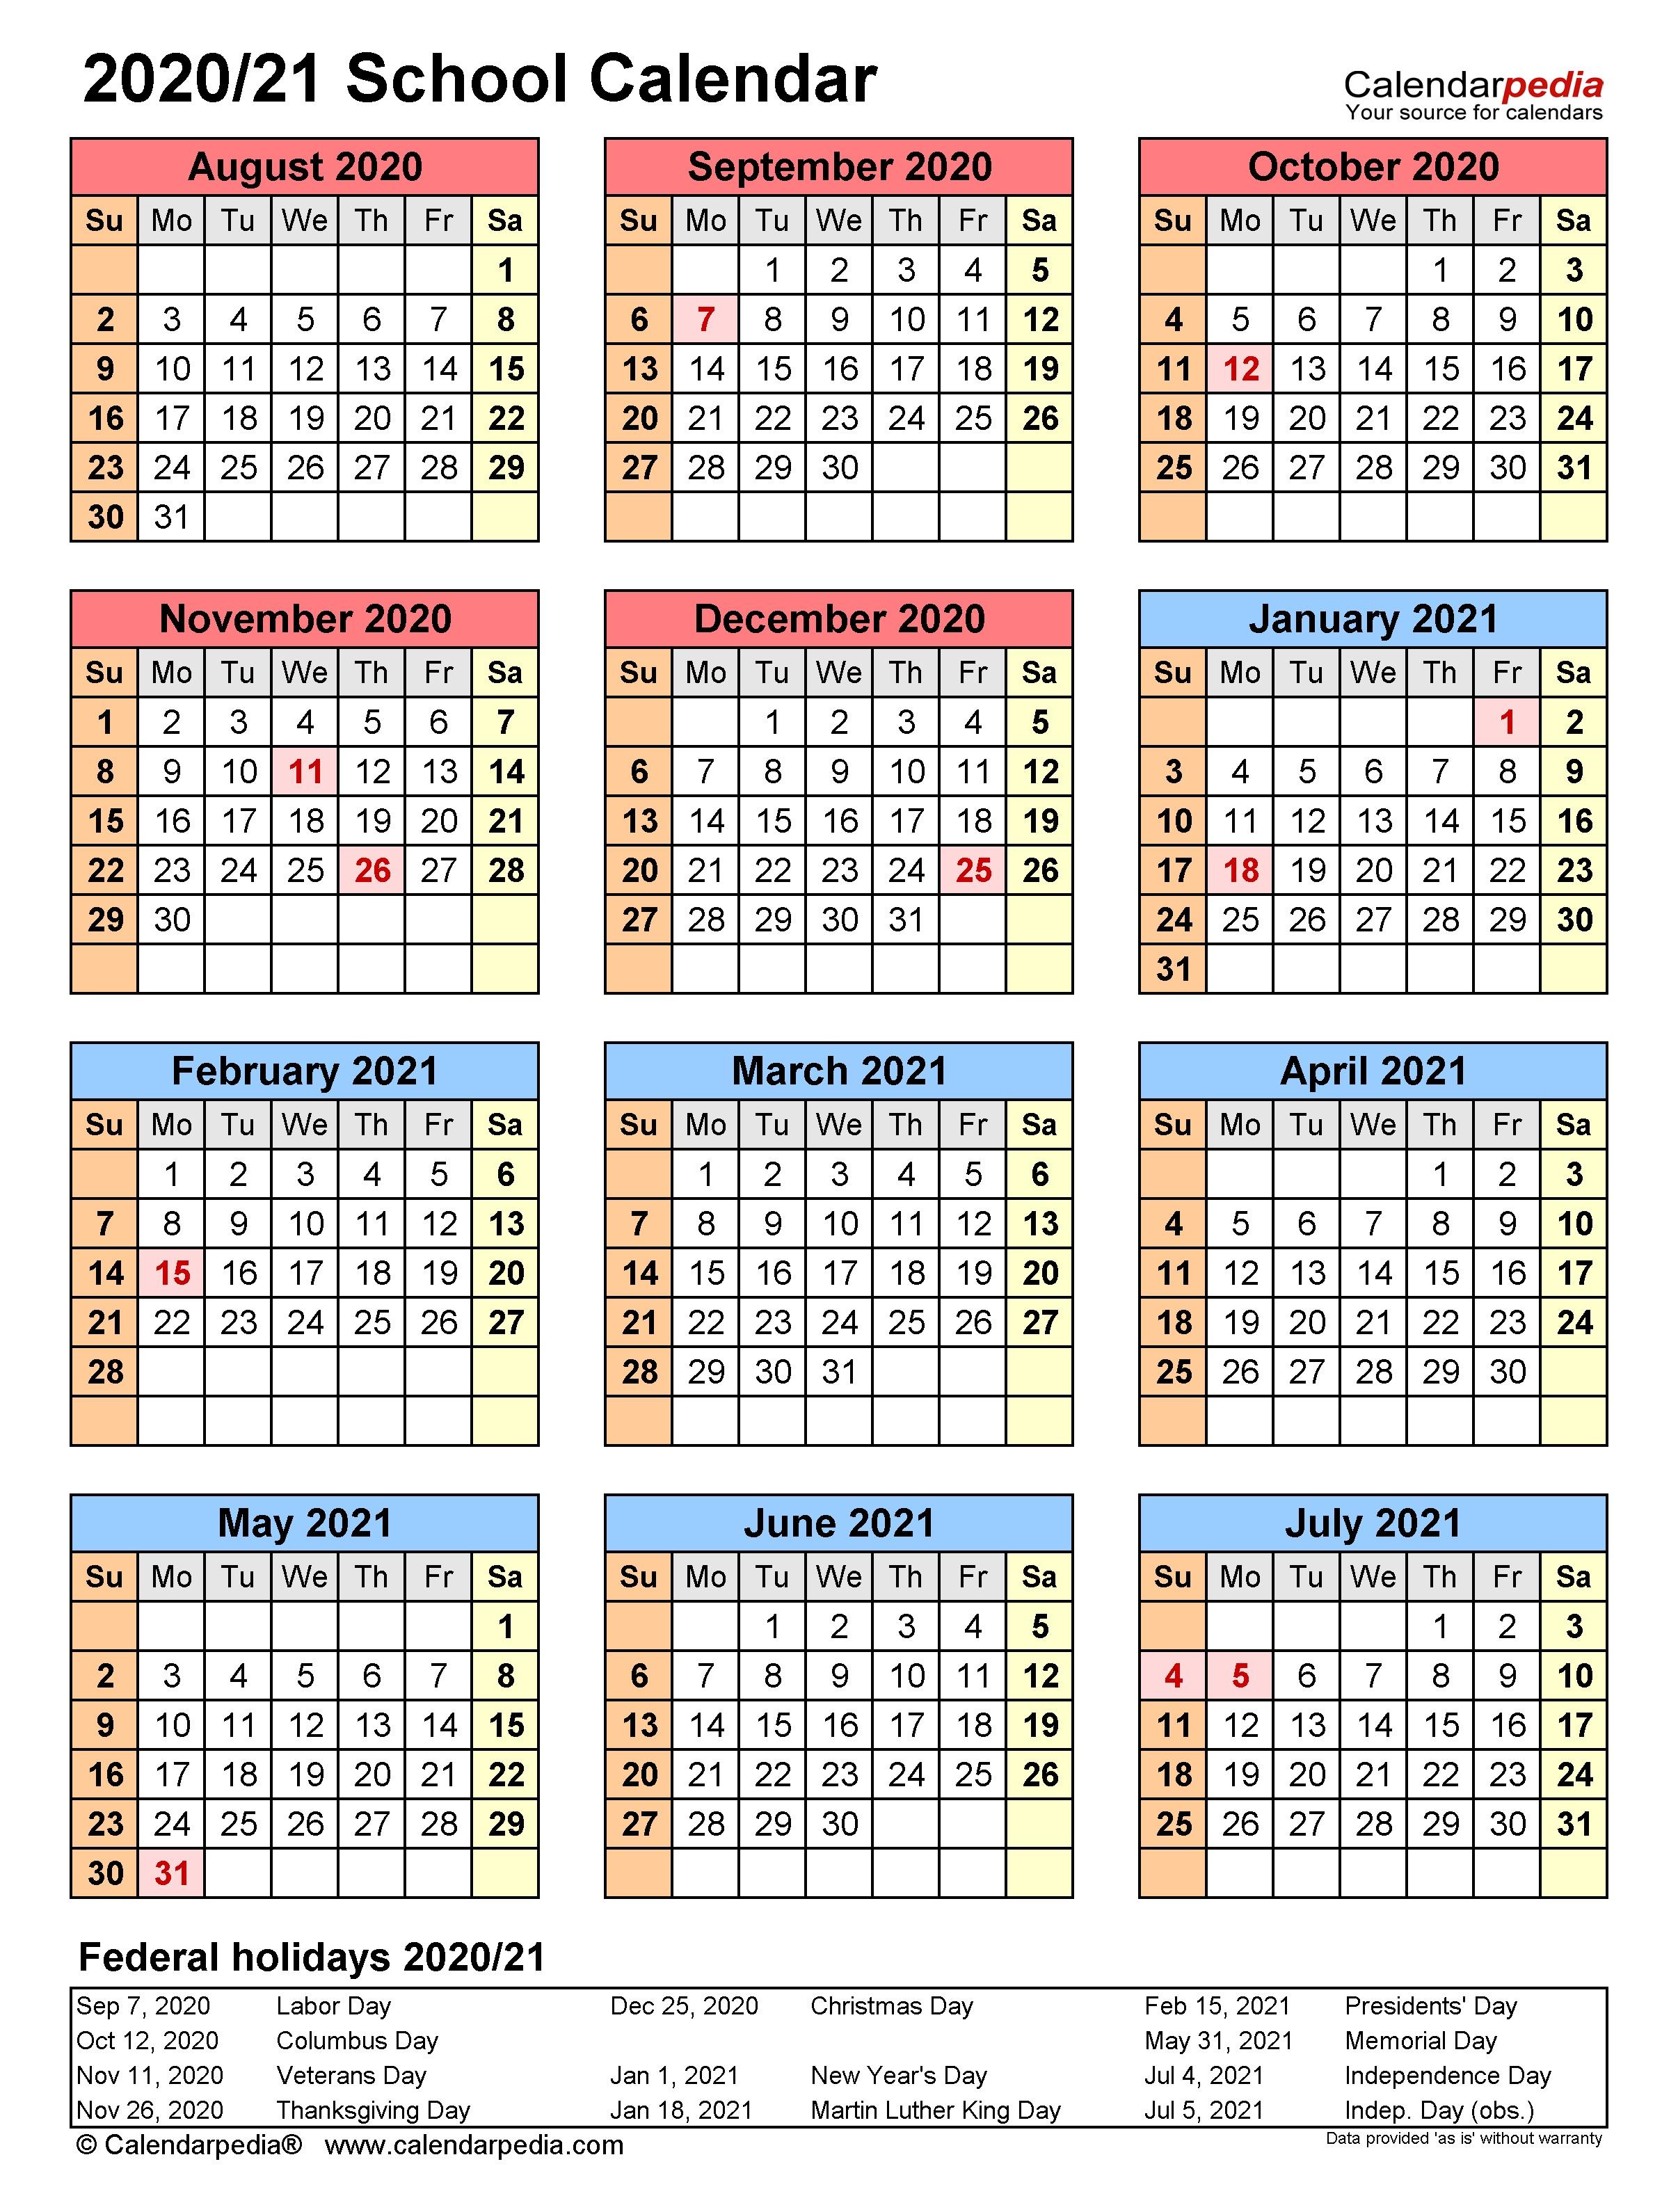 003 Unusual School Year Calendar Template High Definition  Excel 2019-20 WordFull